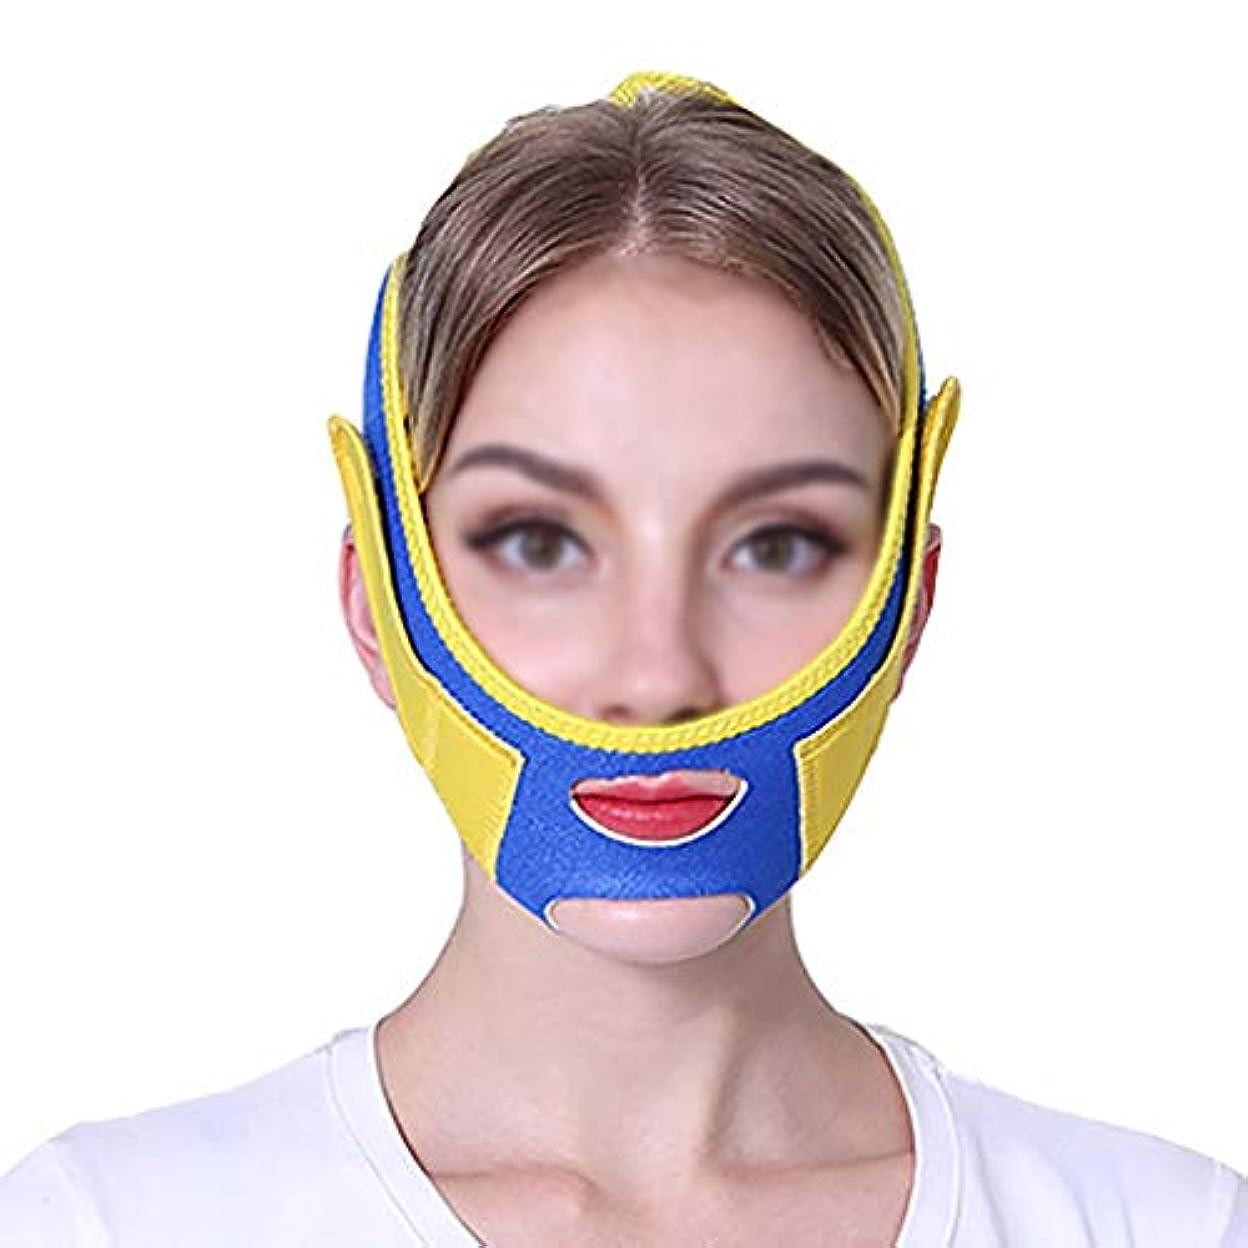 実際に矢卑しいTLMY ファーミングマスクスモールvフェイスアーティファクトリフティングマスクフェイスリフティングフェイスリフティングマスクファーミングクリームフェイシャルリフティング包帯 顔用整形マスク